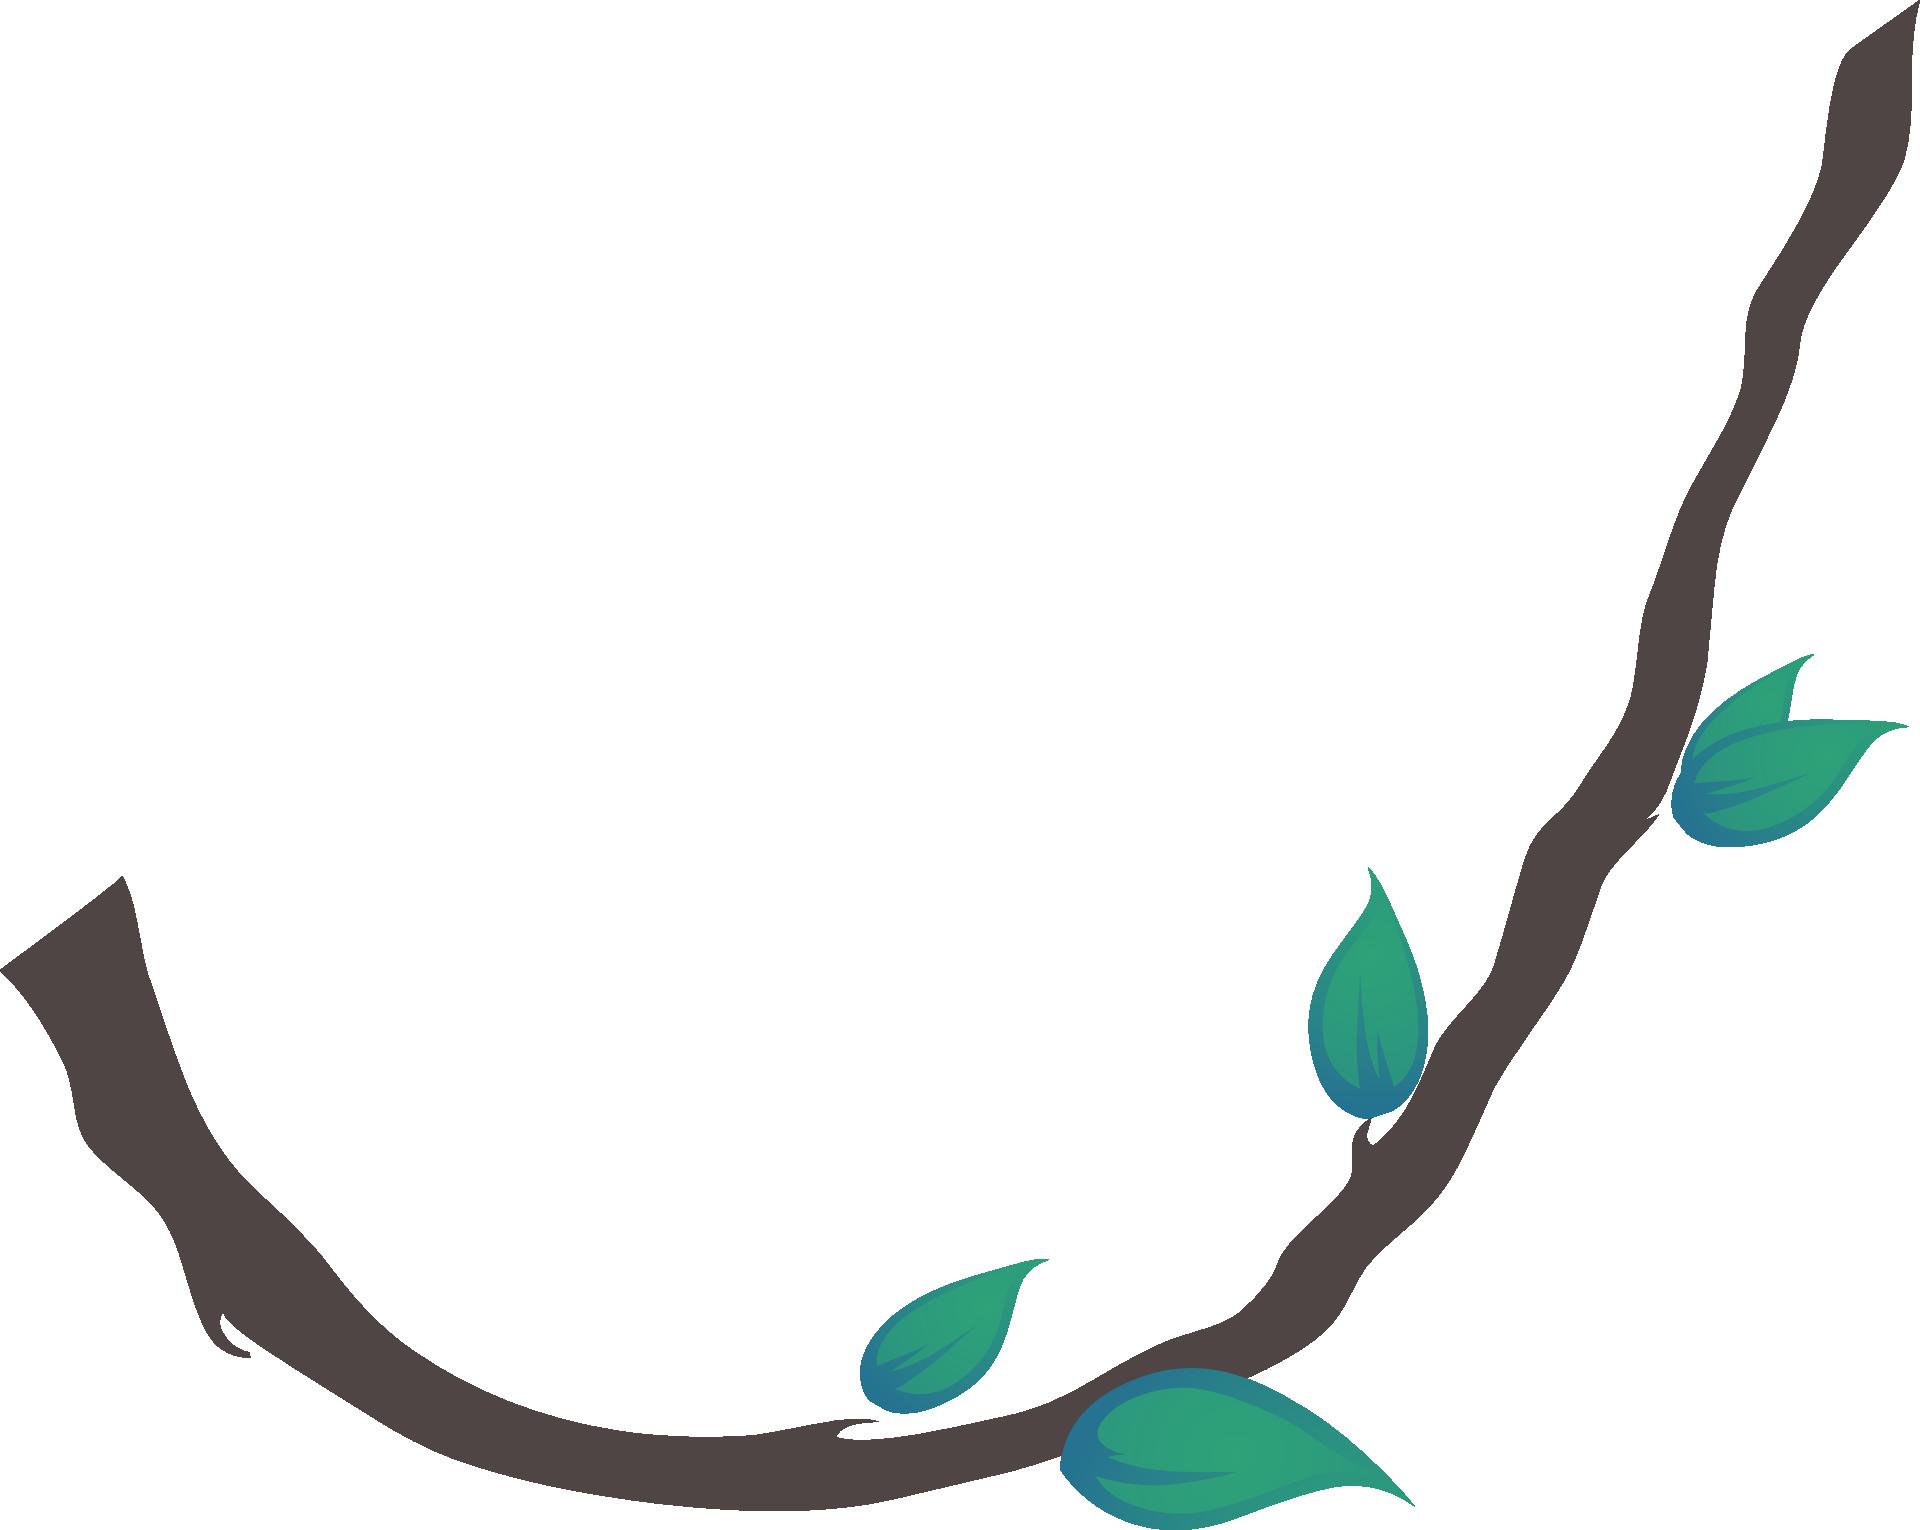 Tree clipart vine. Liana clip art jungle